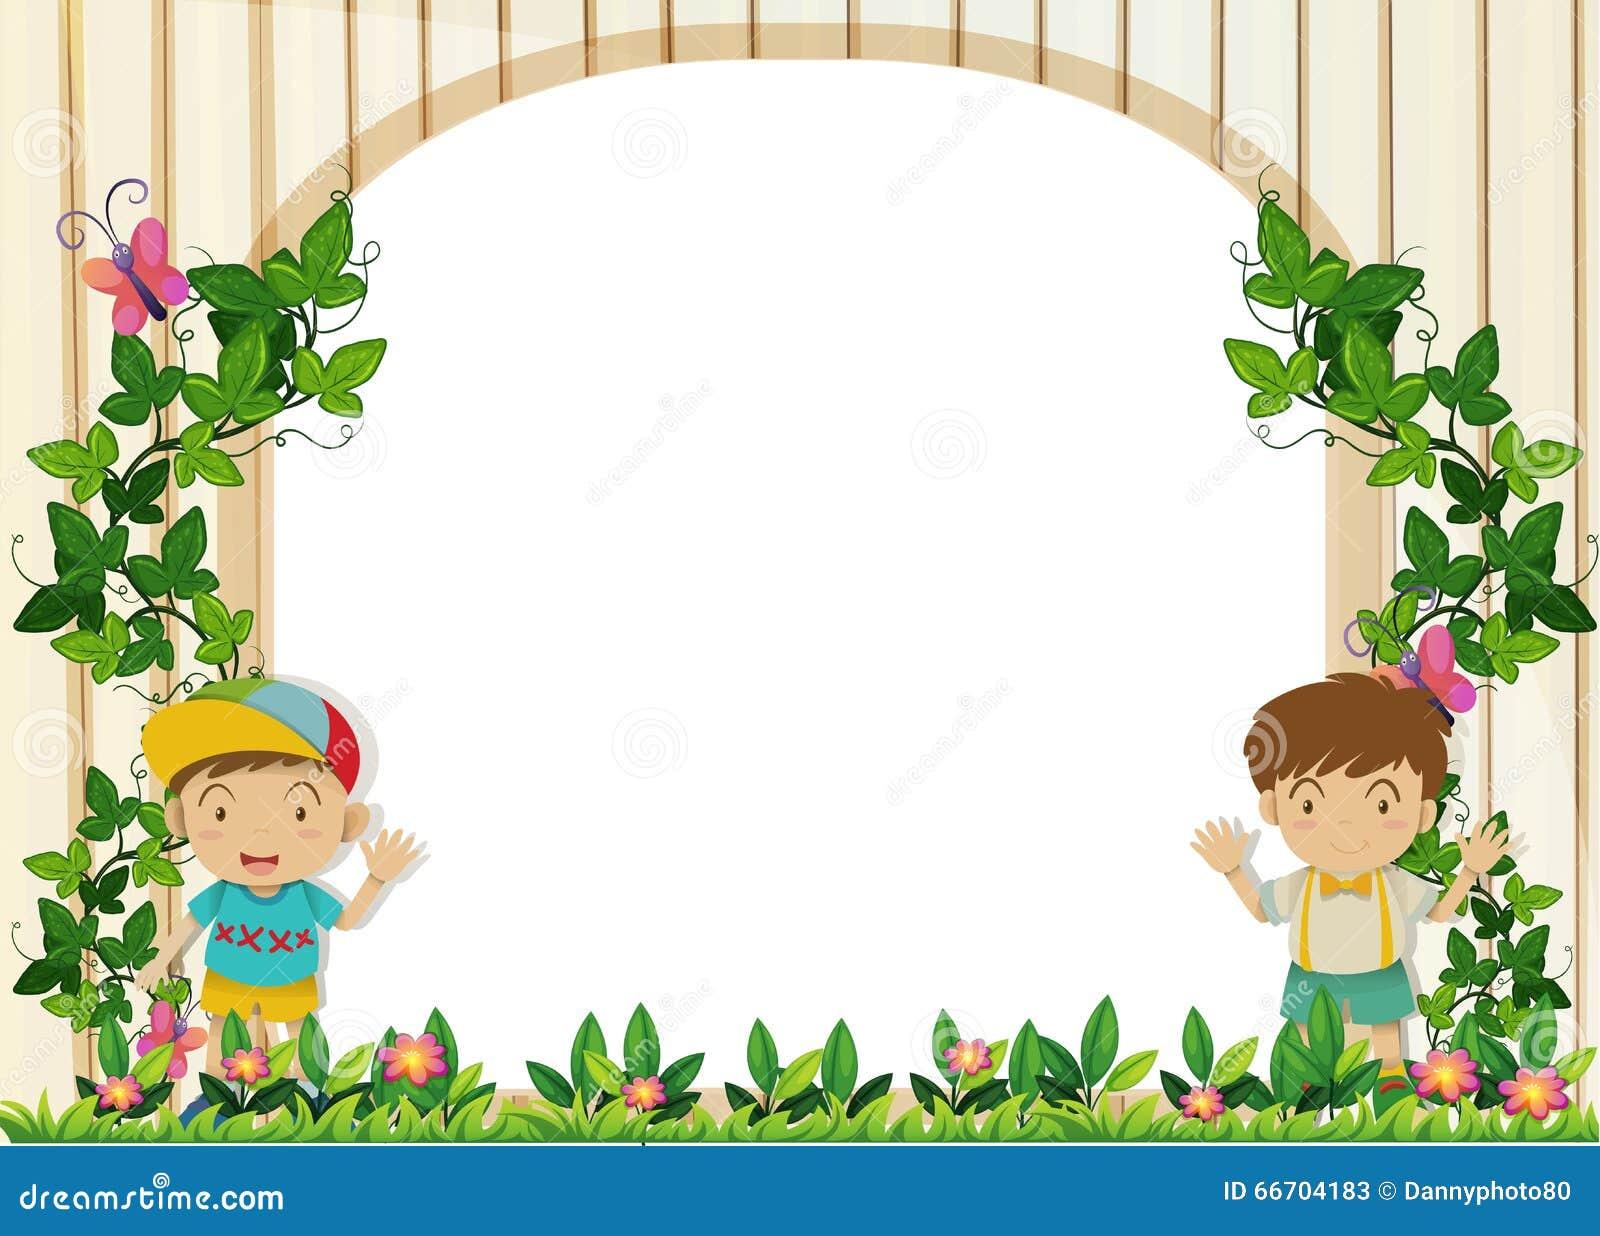 Border Design With Boys In The Garden Stock Vector Image